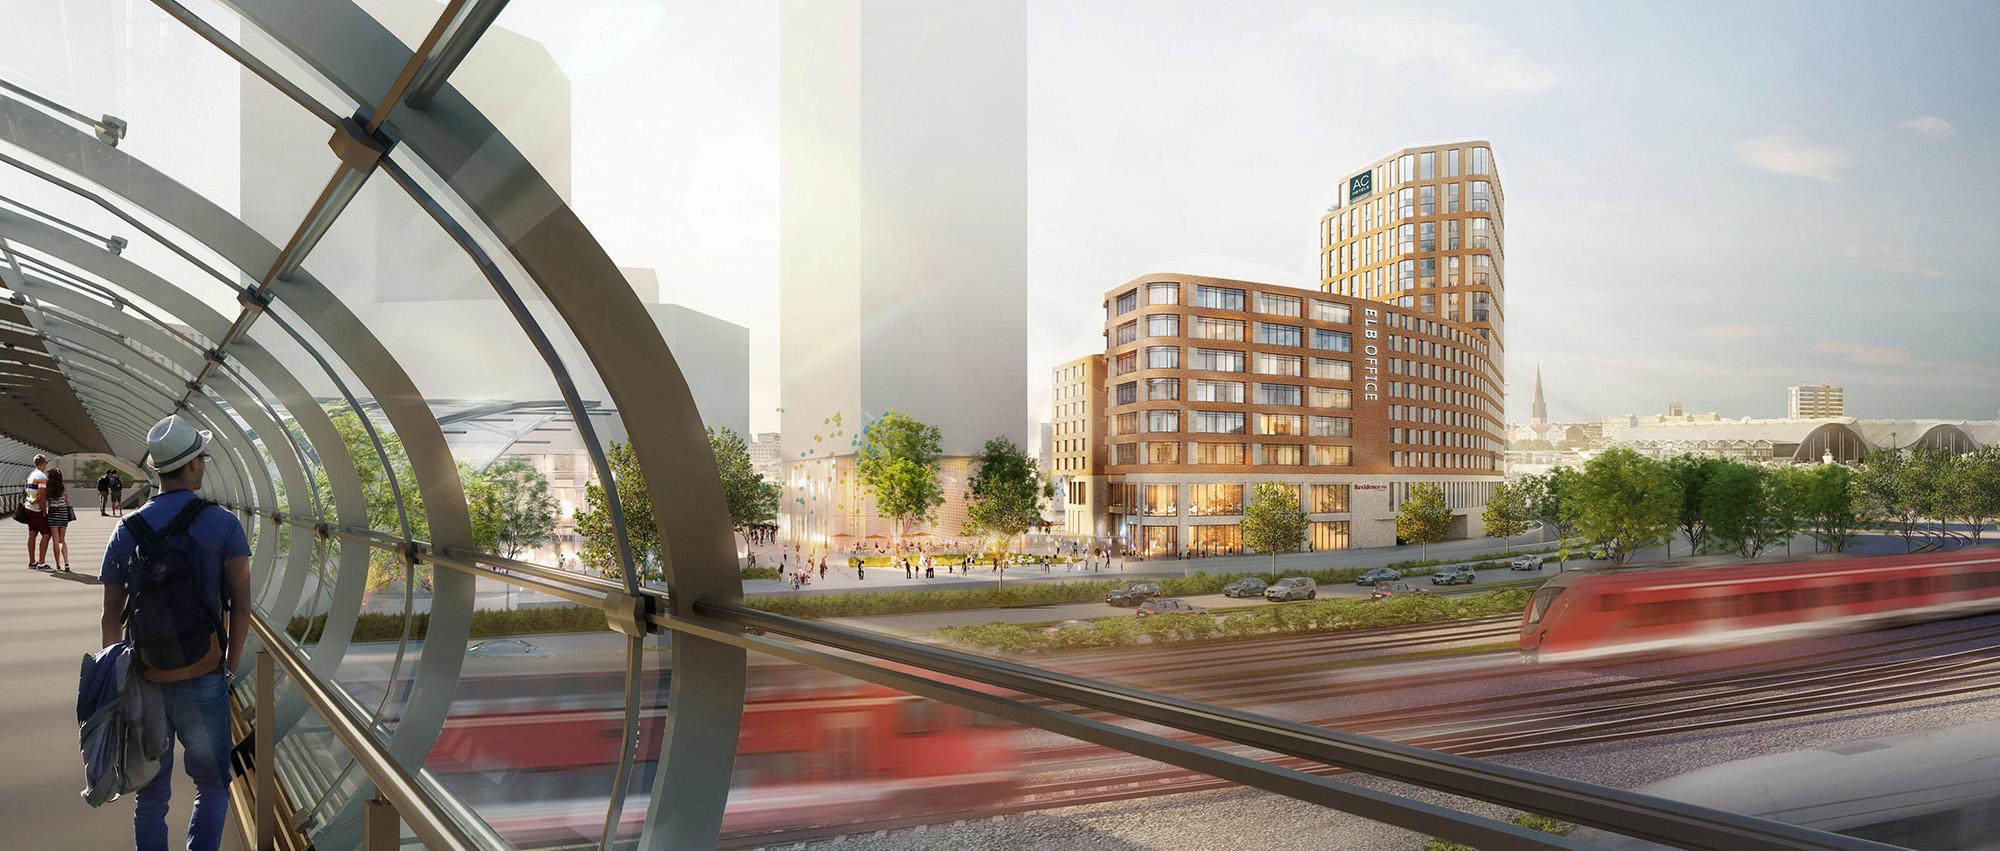 新形式砖构建筑:汉堡港口新城易北河桥会议酒店